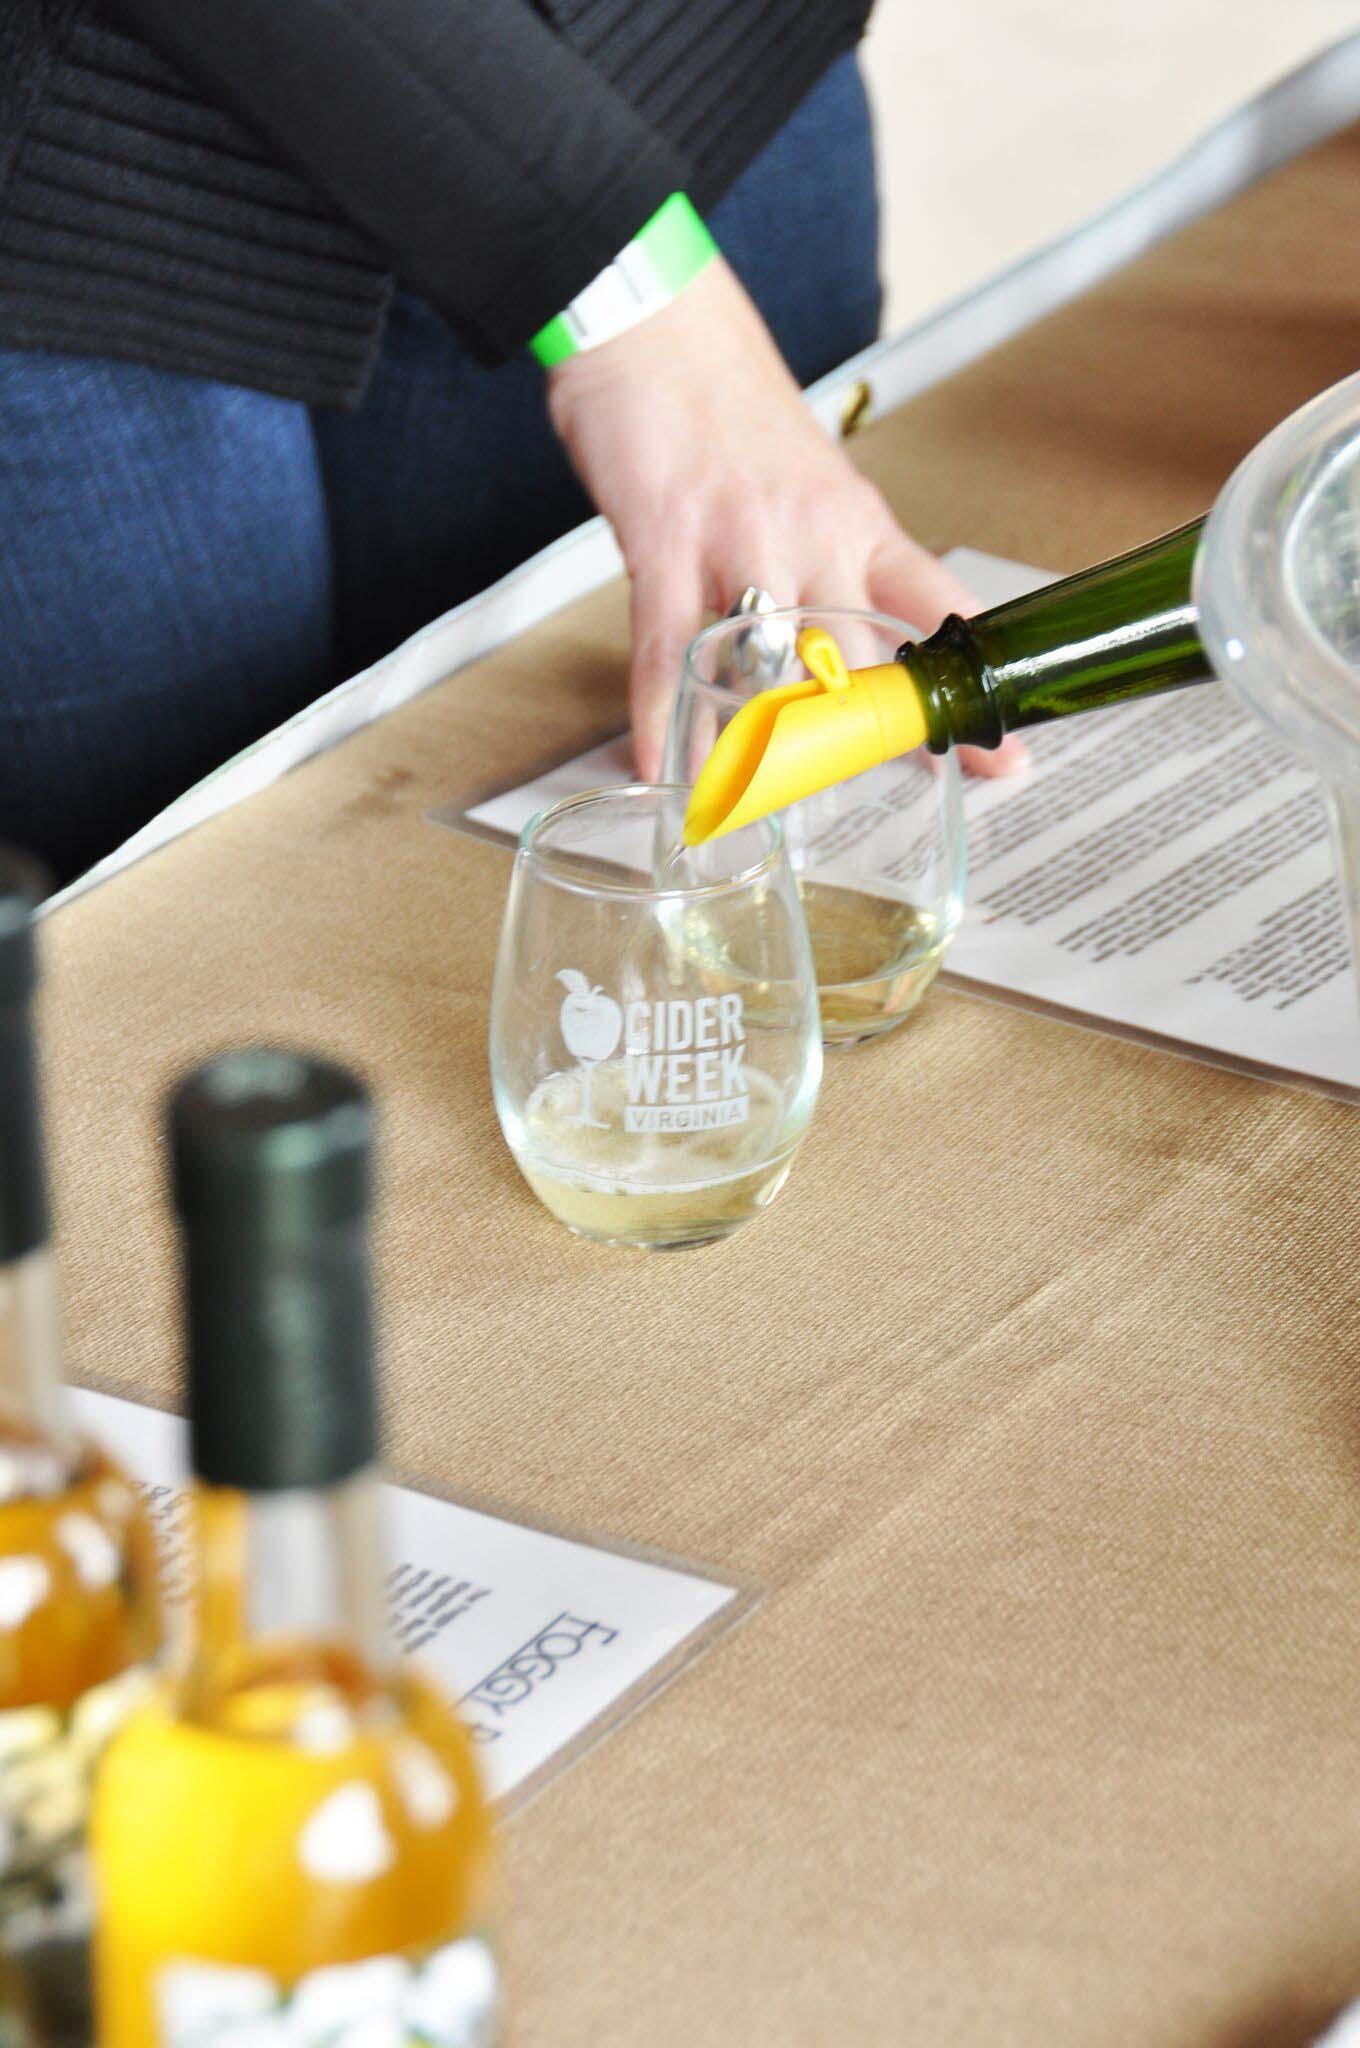 Virginia Cider Week, Cider Events